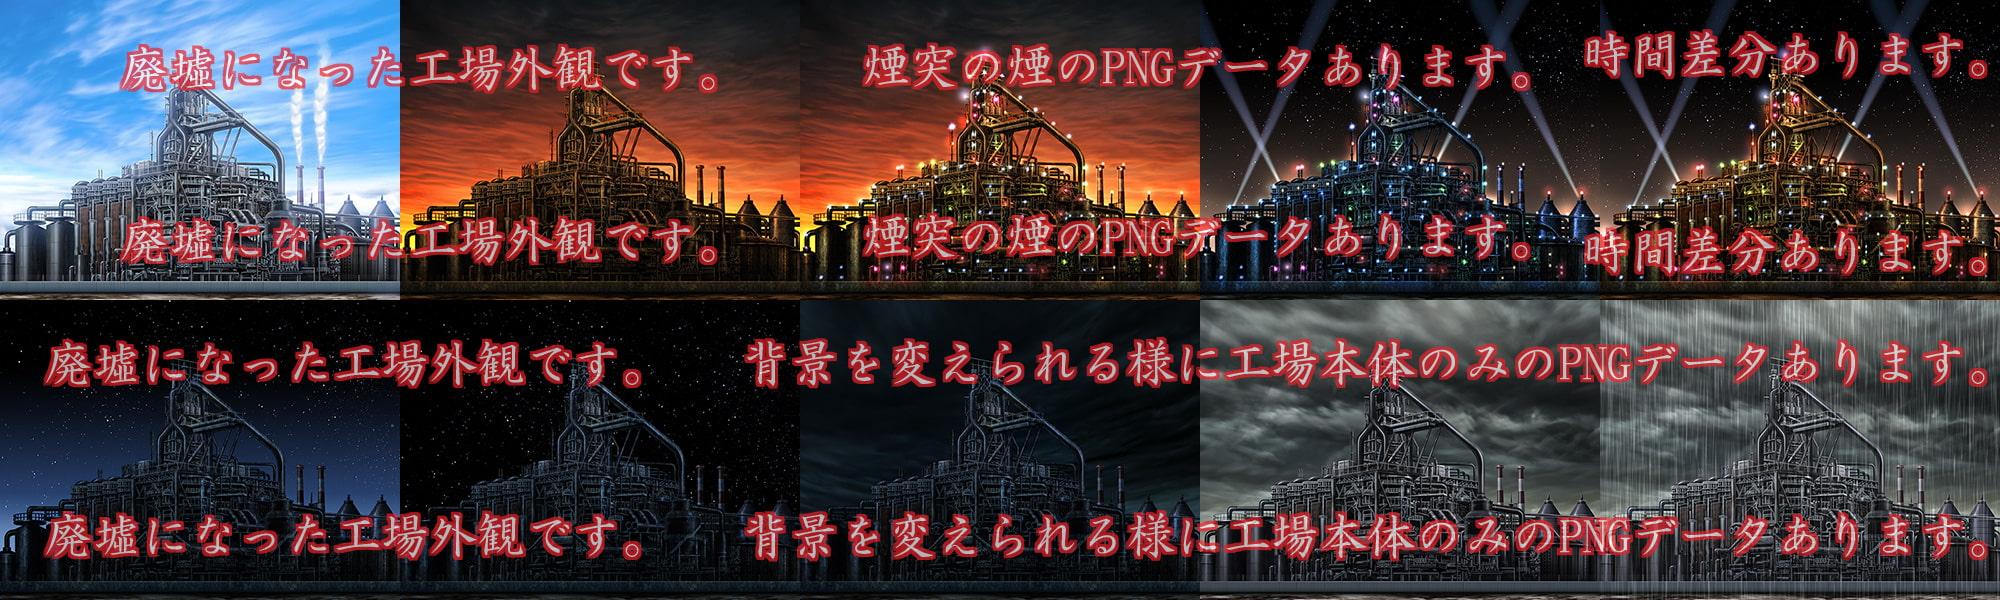 著作権フリー背景CG素材「廃工場外観」